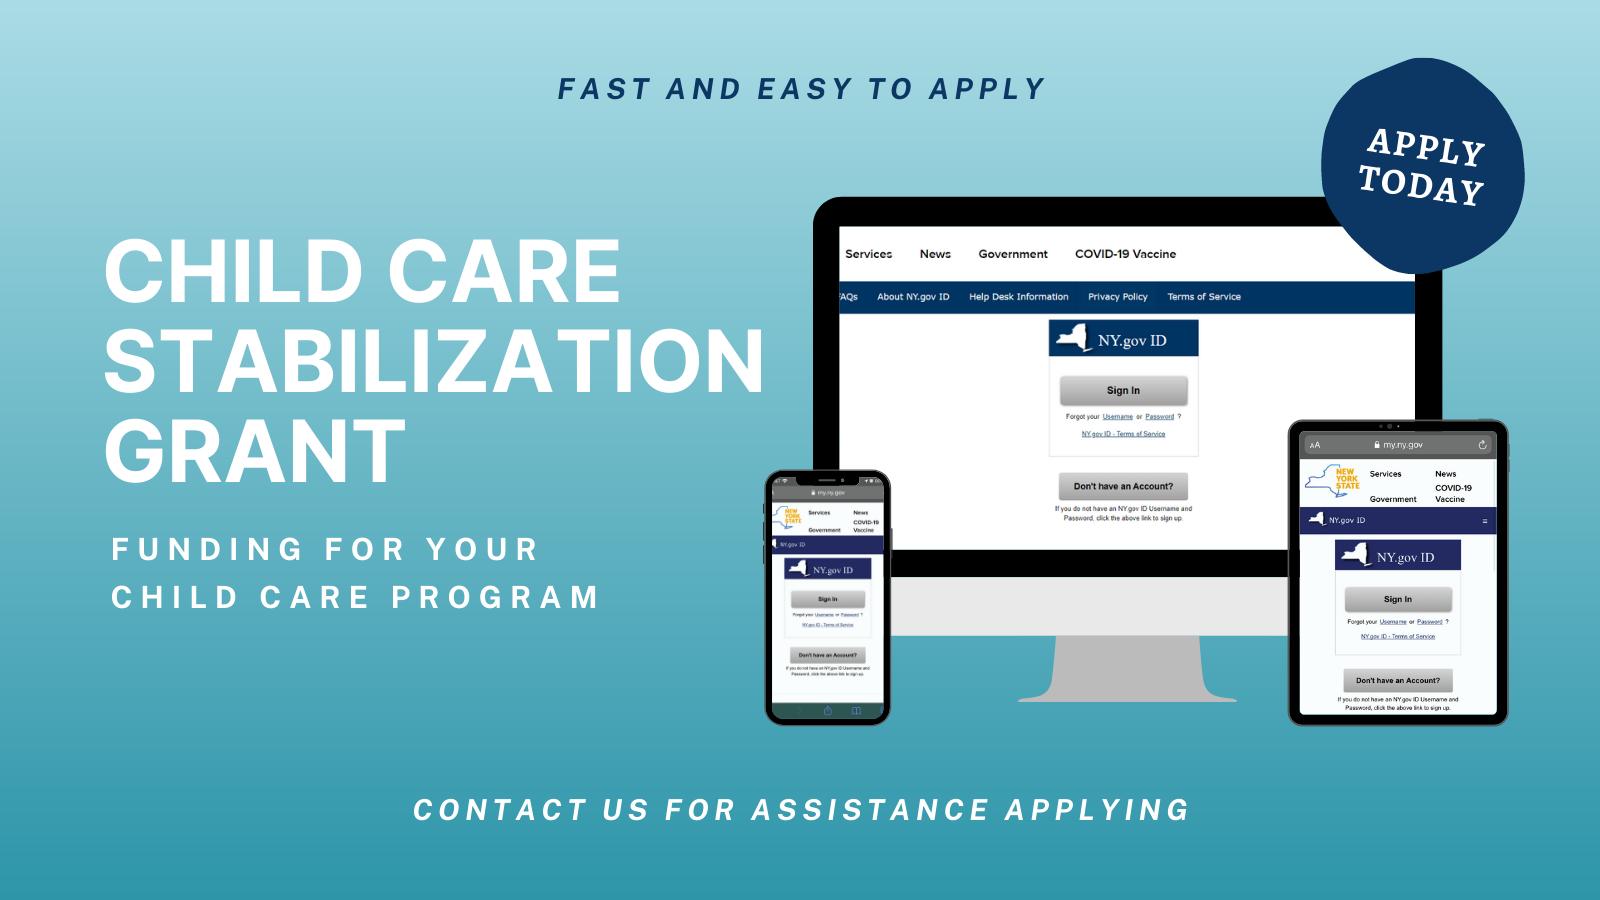 Child Care Stabilization Grant Application Info